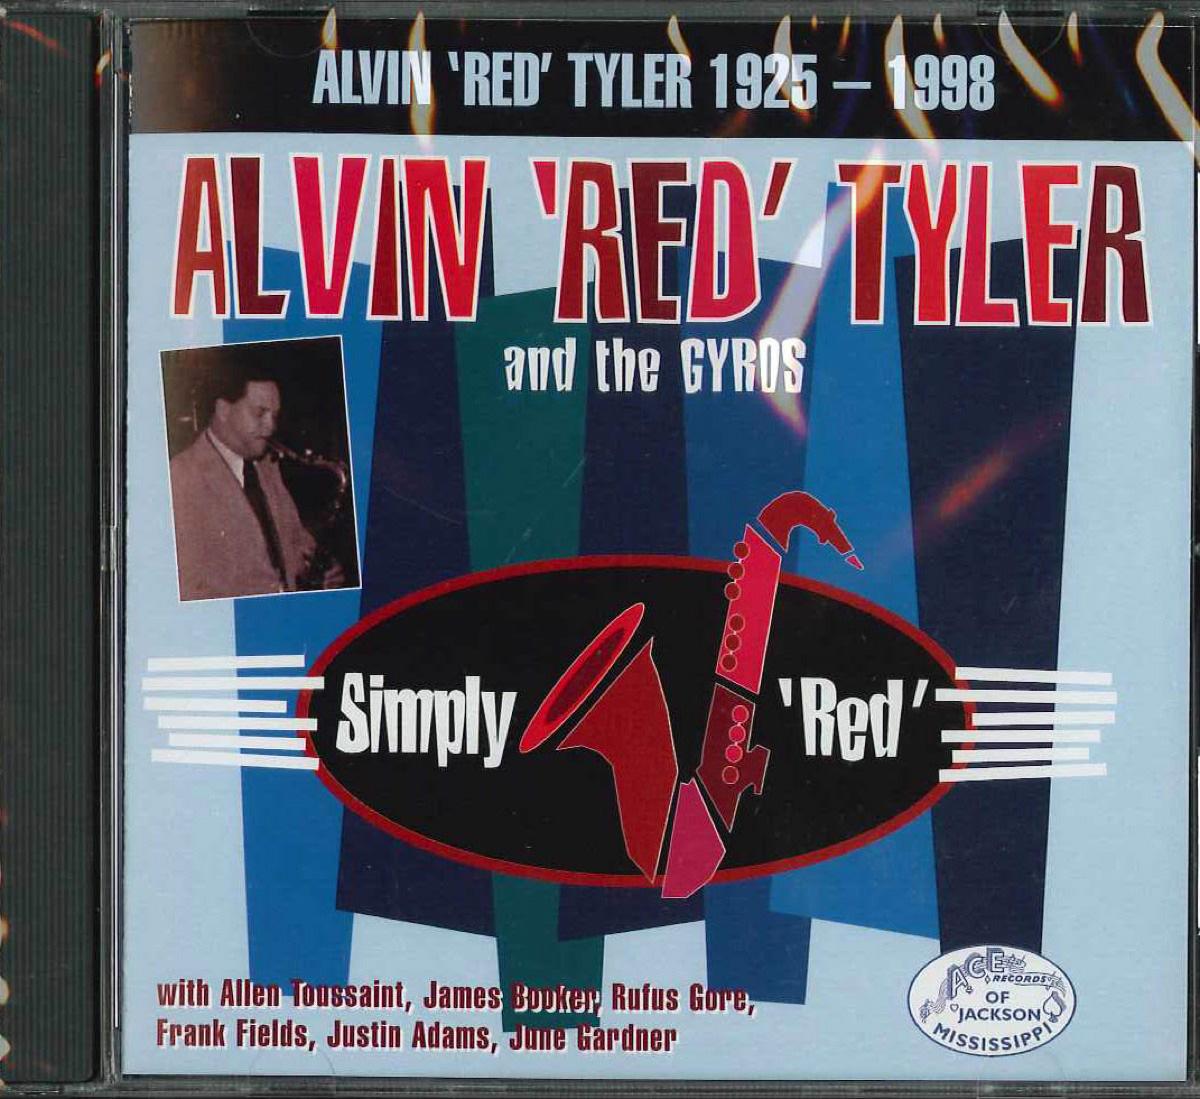 芽瑠璃堂 > ALVIN 'RED' TYLER 『Simply Red (allen Toussaint) 18 Tracks (カット盤) (直輸入盤)』WESTSIDE00529